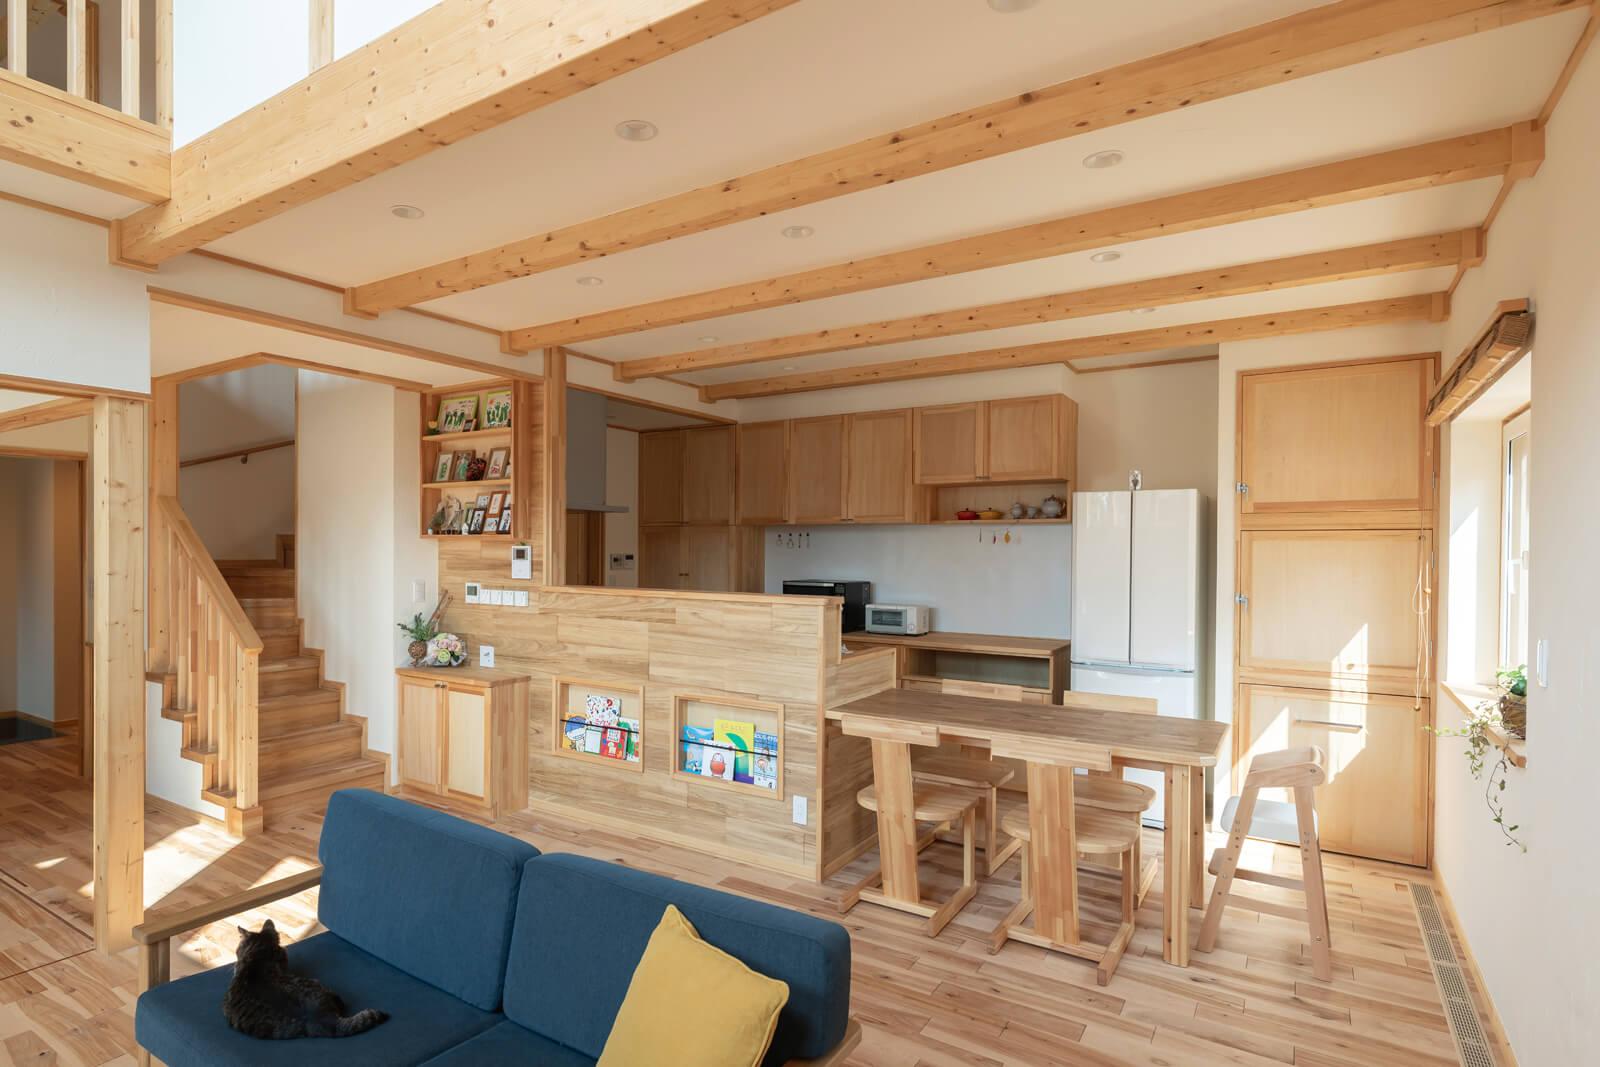 キッチンの背面収納、ダイニングテーブルに椅子までもがシンハマホームで造作したもので、統一感がある。冷蔵庫の隣は大容量のパントリー(上2つ)とゴミ箱(下)収納。奥さんのお気に入り